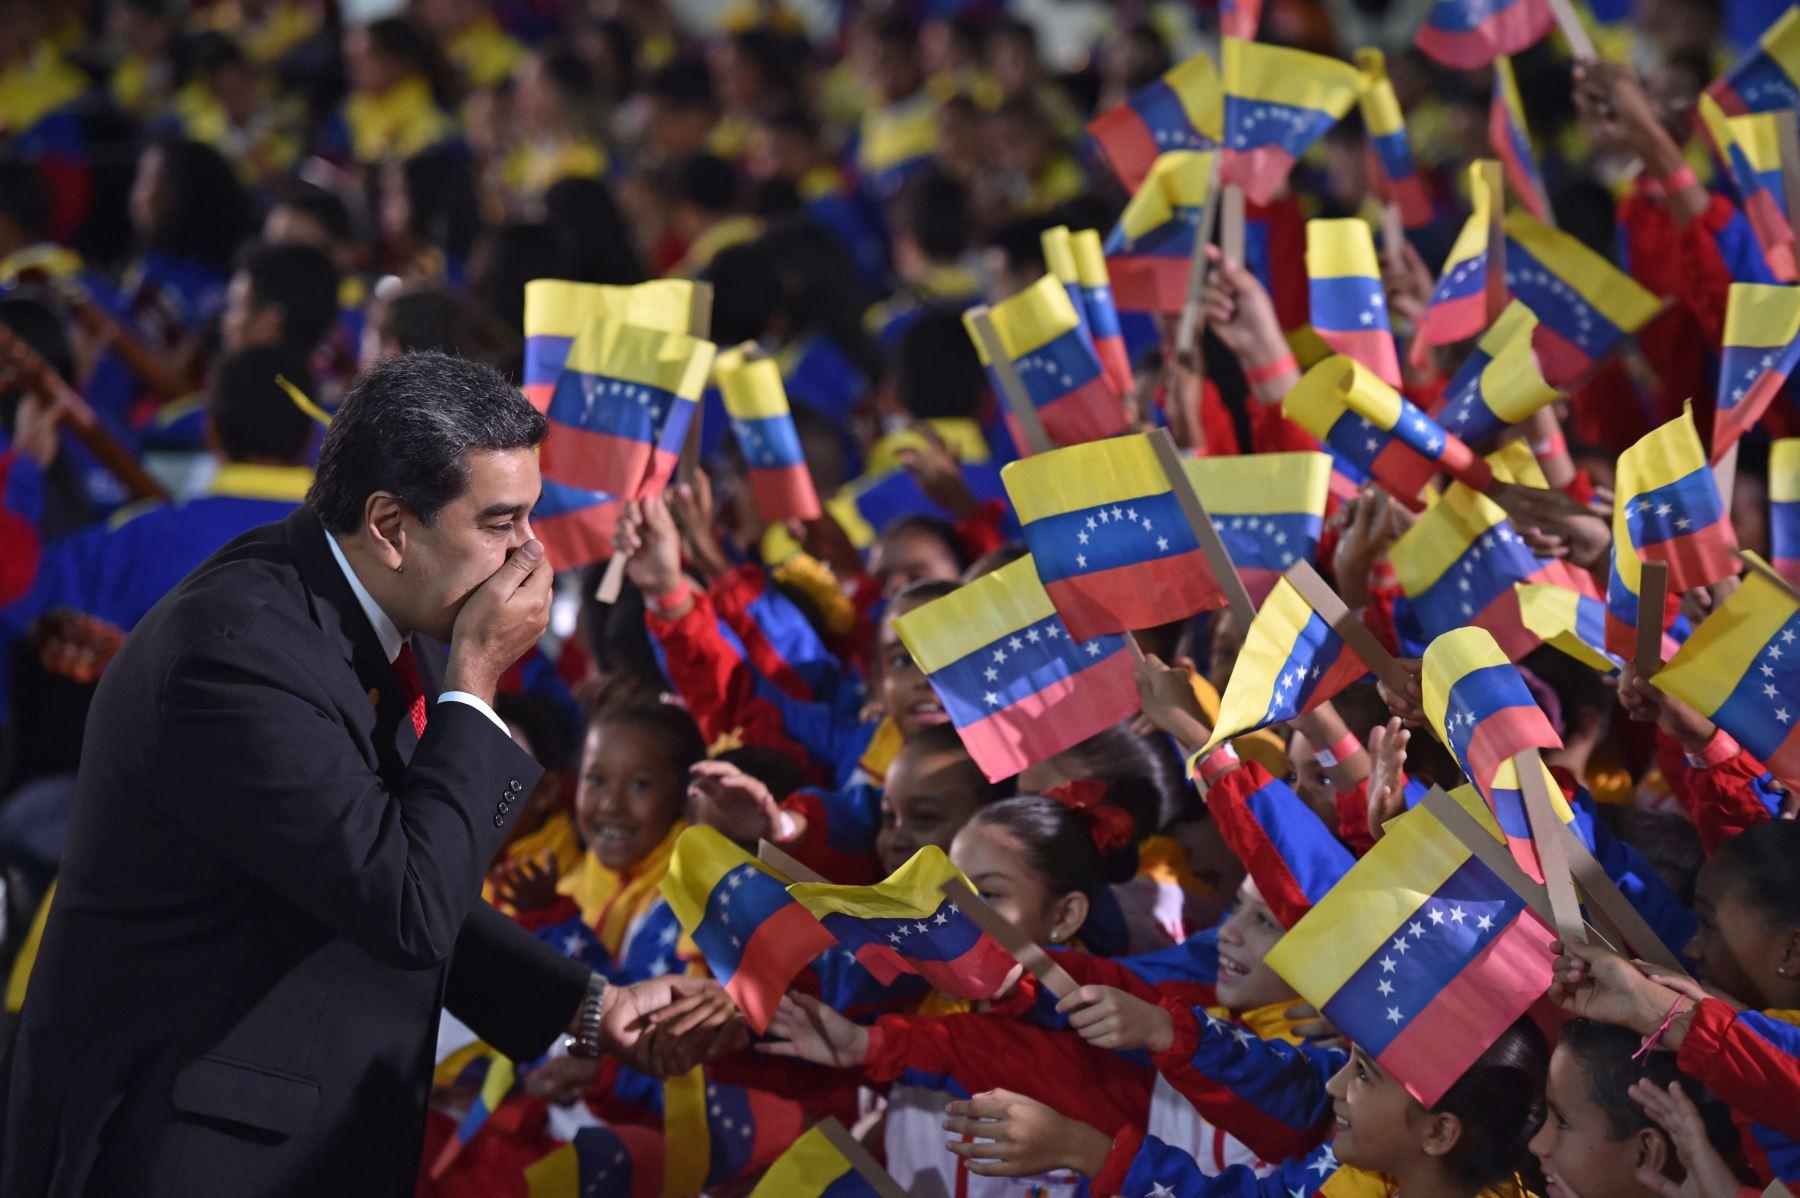 El presidente de Venezuela, Nicolás Maduro, saluda a los niños a su llegada para la ceremonia de inauguración de su segundo mandato. AFP